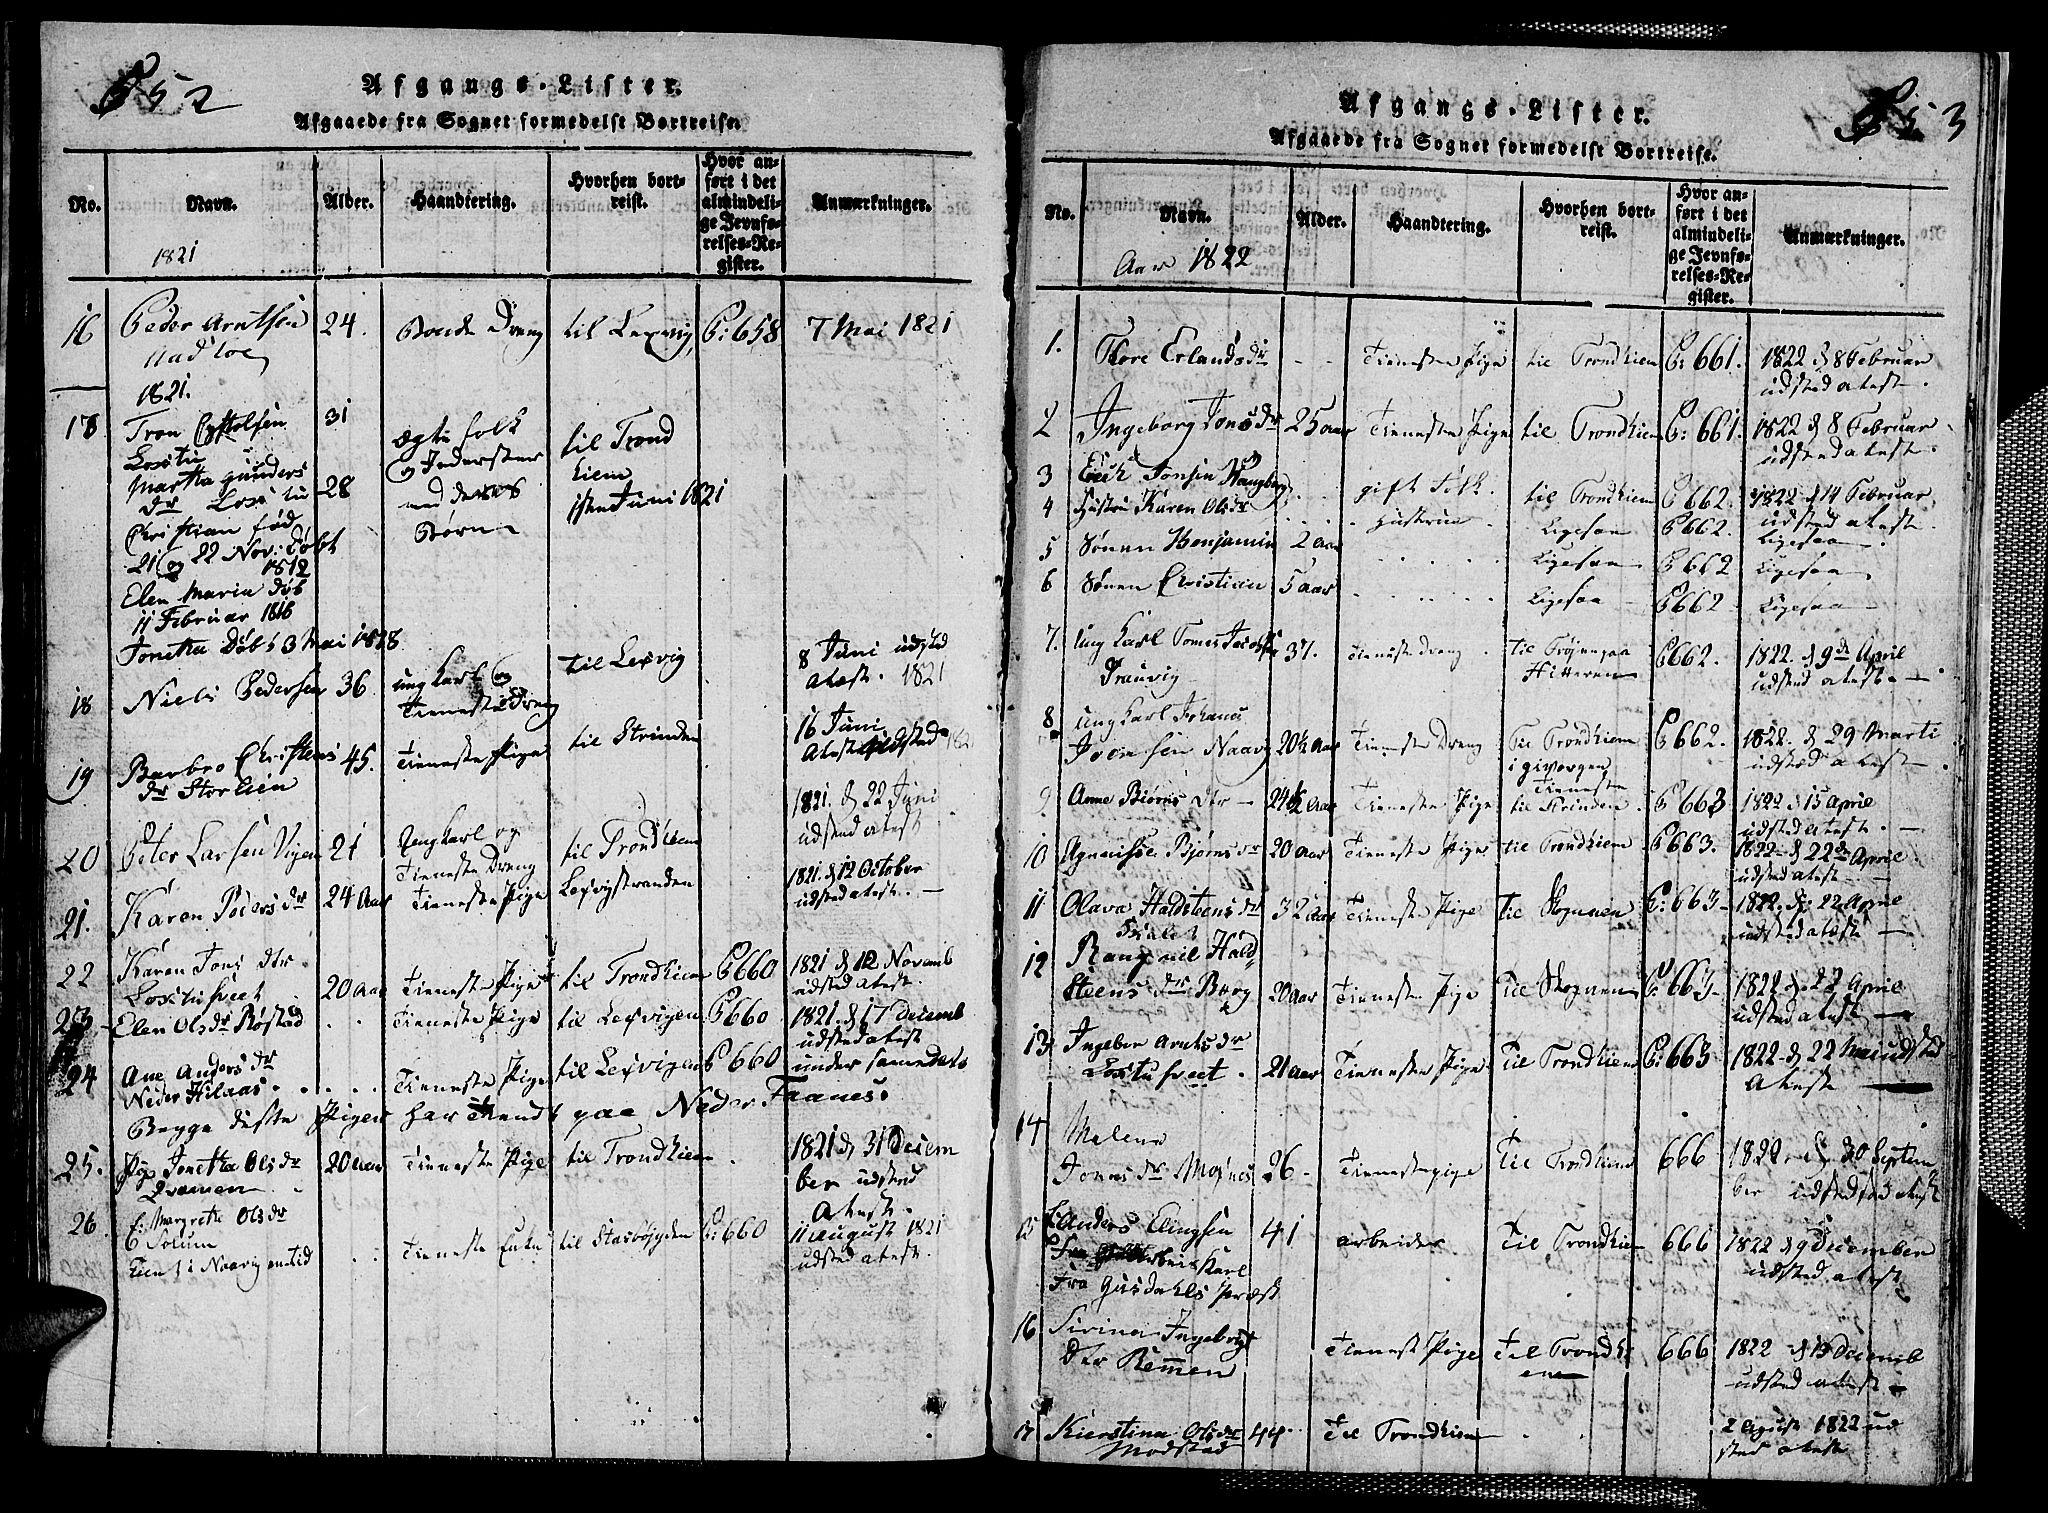 SAT, Ministerialprotokoller, klokkerbøker og fødselsregistre - Nord-Trøndelag, 713/L0124: Klokkerbok nr. 713C01, 1817-1827, s. 552-553